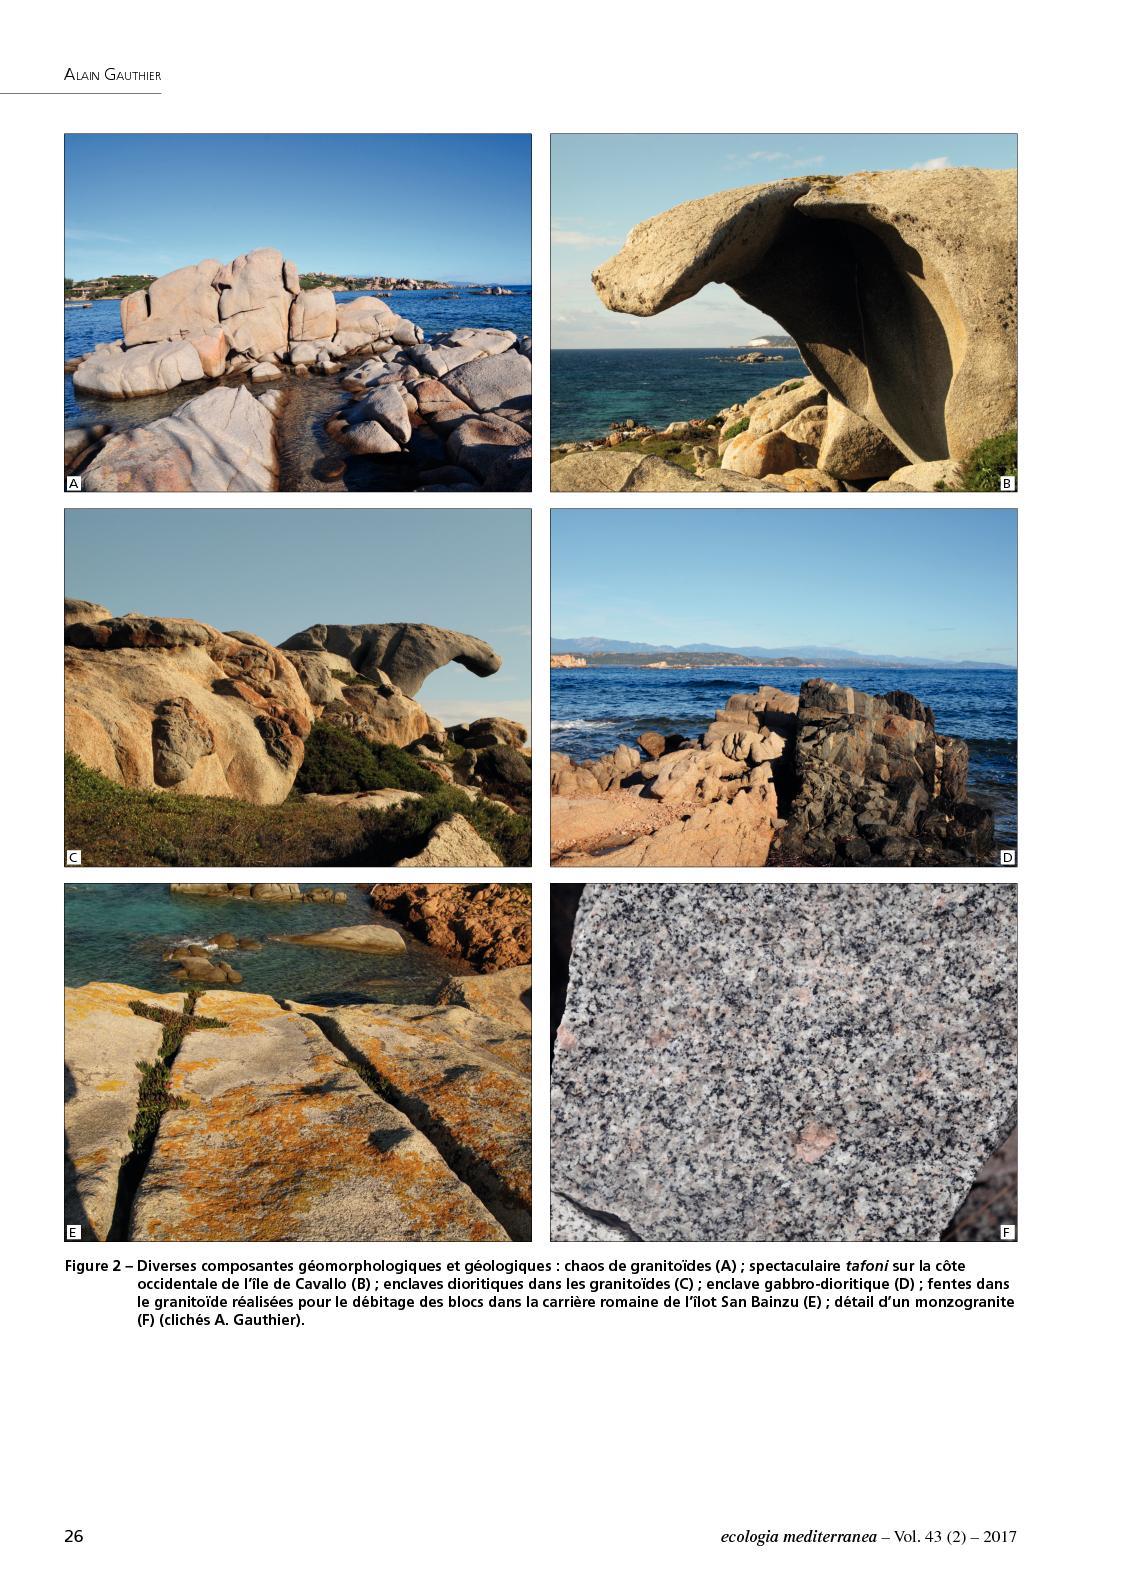 3970696c3a82 Ecologia mediterranea Vol. 43 (2) – 2017 - CALAMEO Downloader